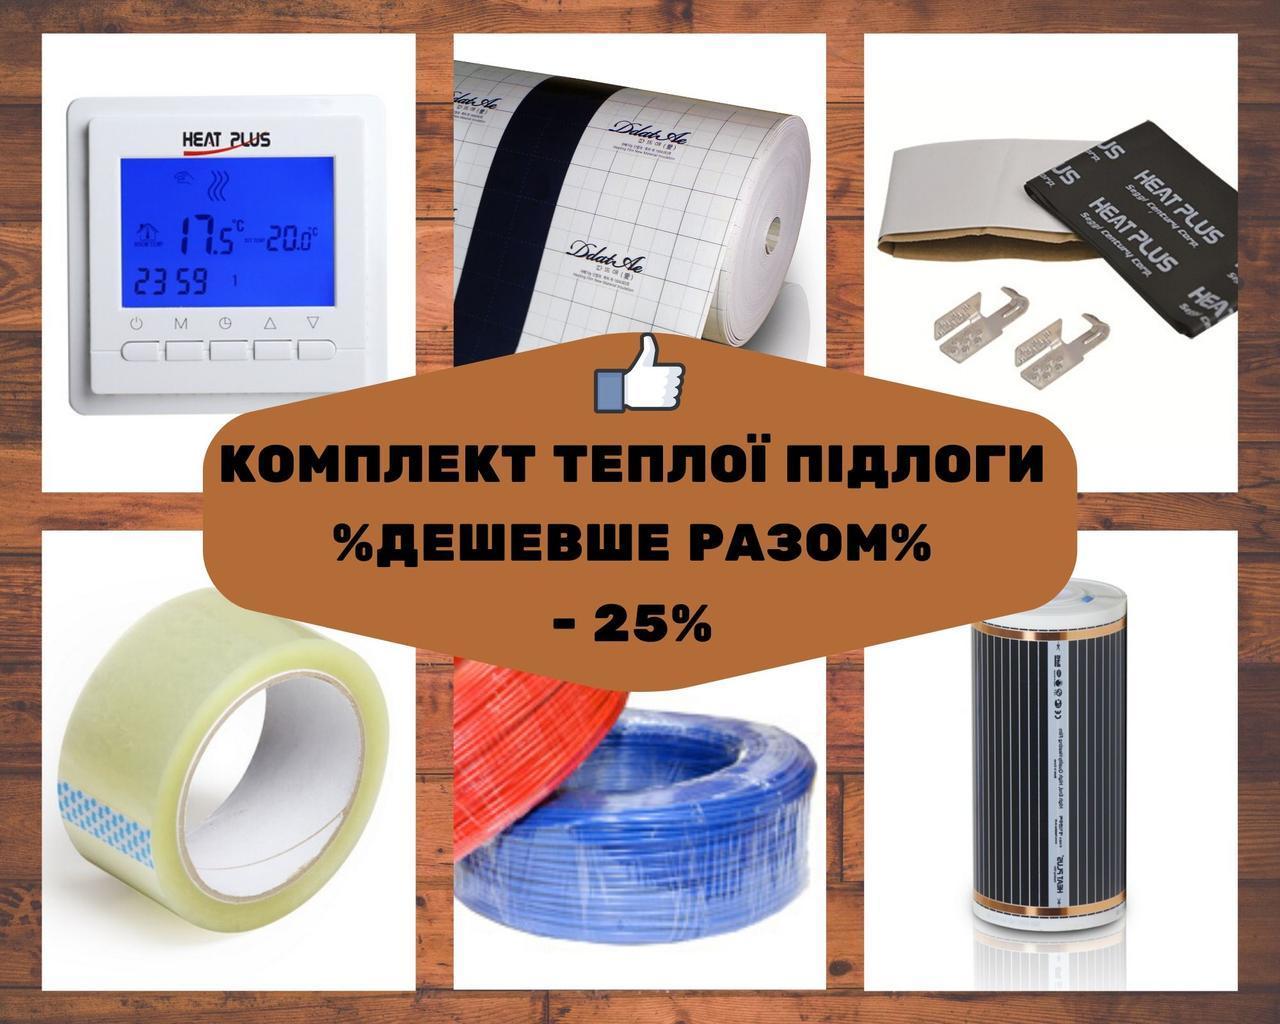 Комплект инфракрасного теплого пола высокого качества для помещения 8 м.кв.